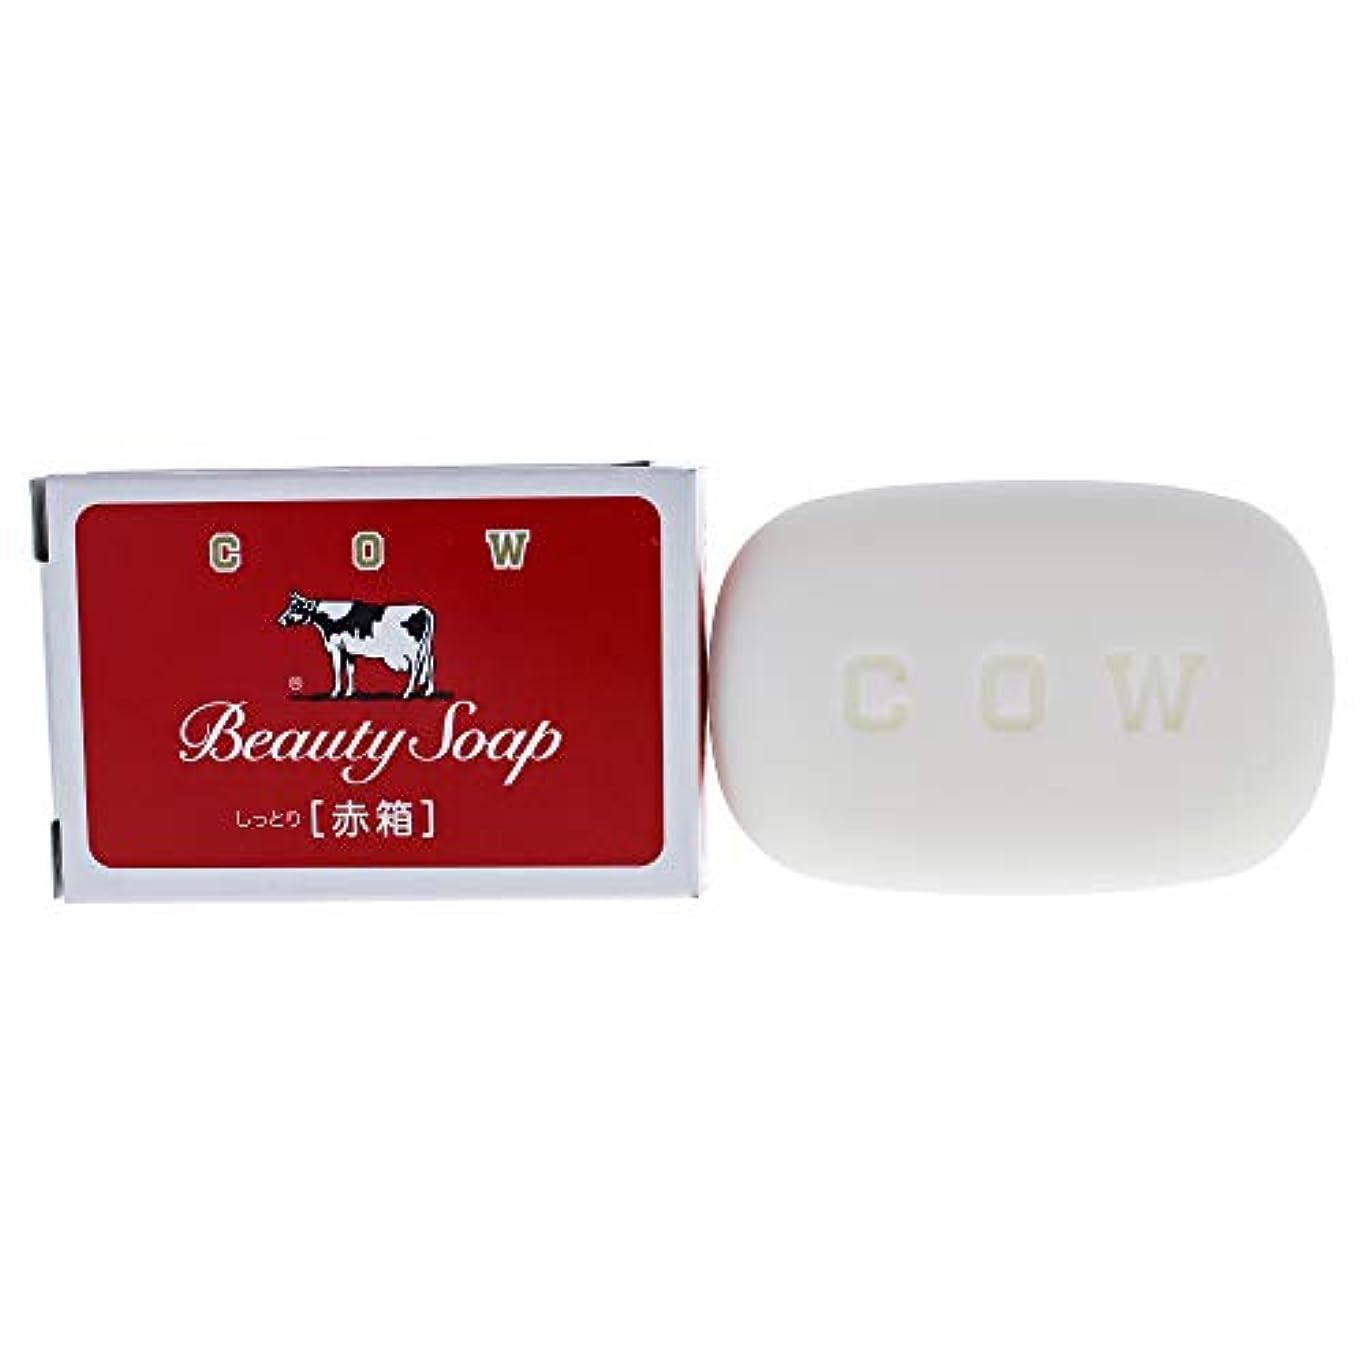 シンポジウム悪化するぼんやりしたカウブランド 赤箱1個 100g